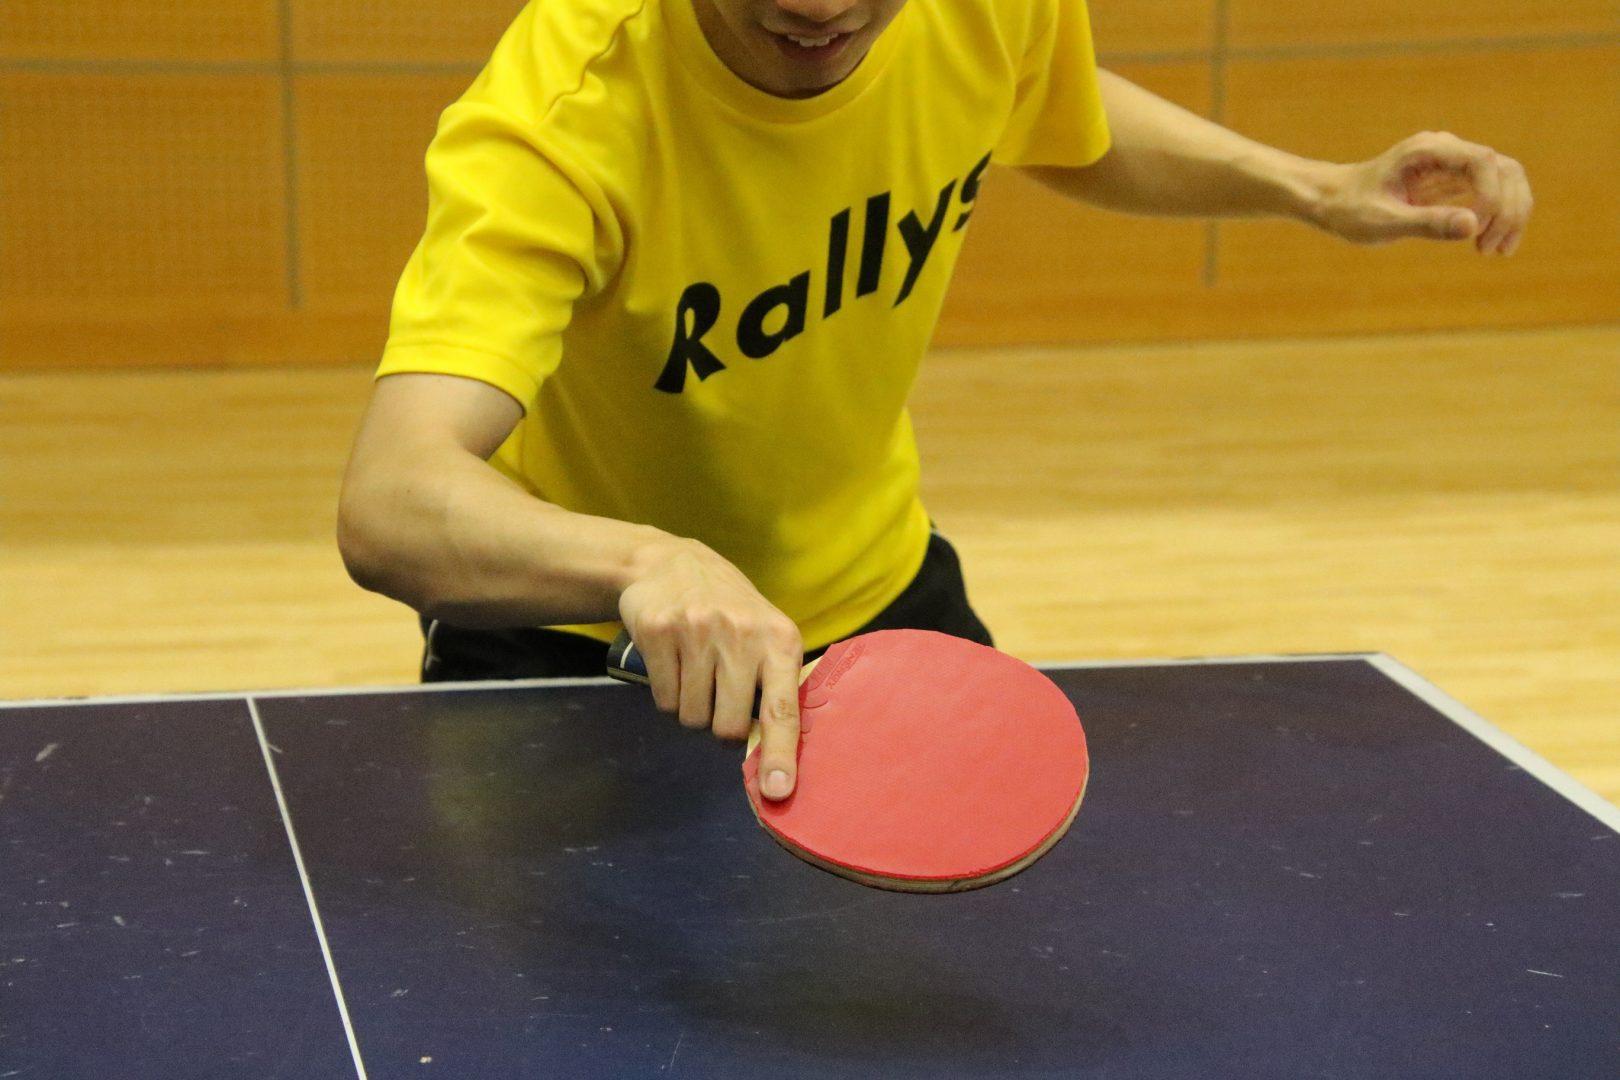 【初心者必見】ストップの対処と封じ方|卓球基本技術レッスン